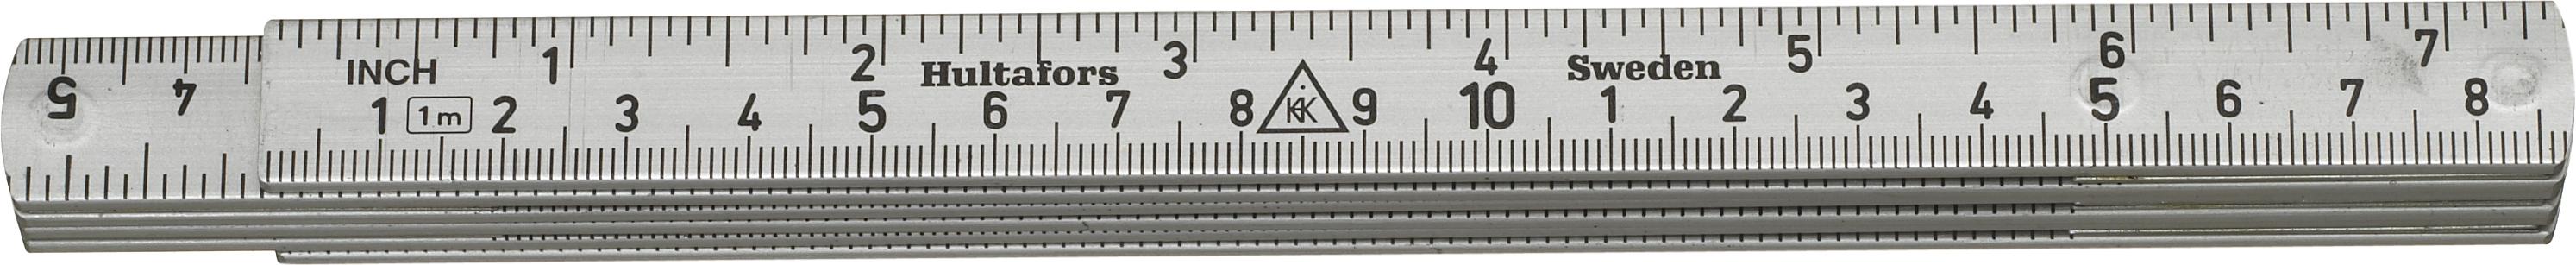 Hultafors Aluminium Folding Rule A61 — 1m, 6 sections HU-150303